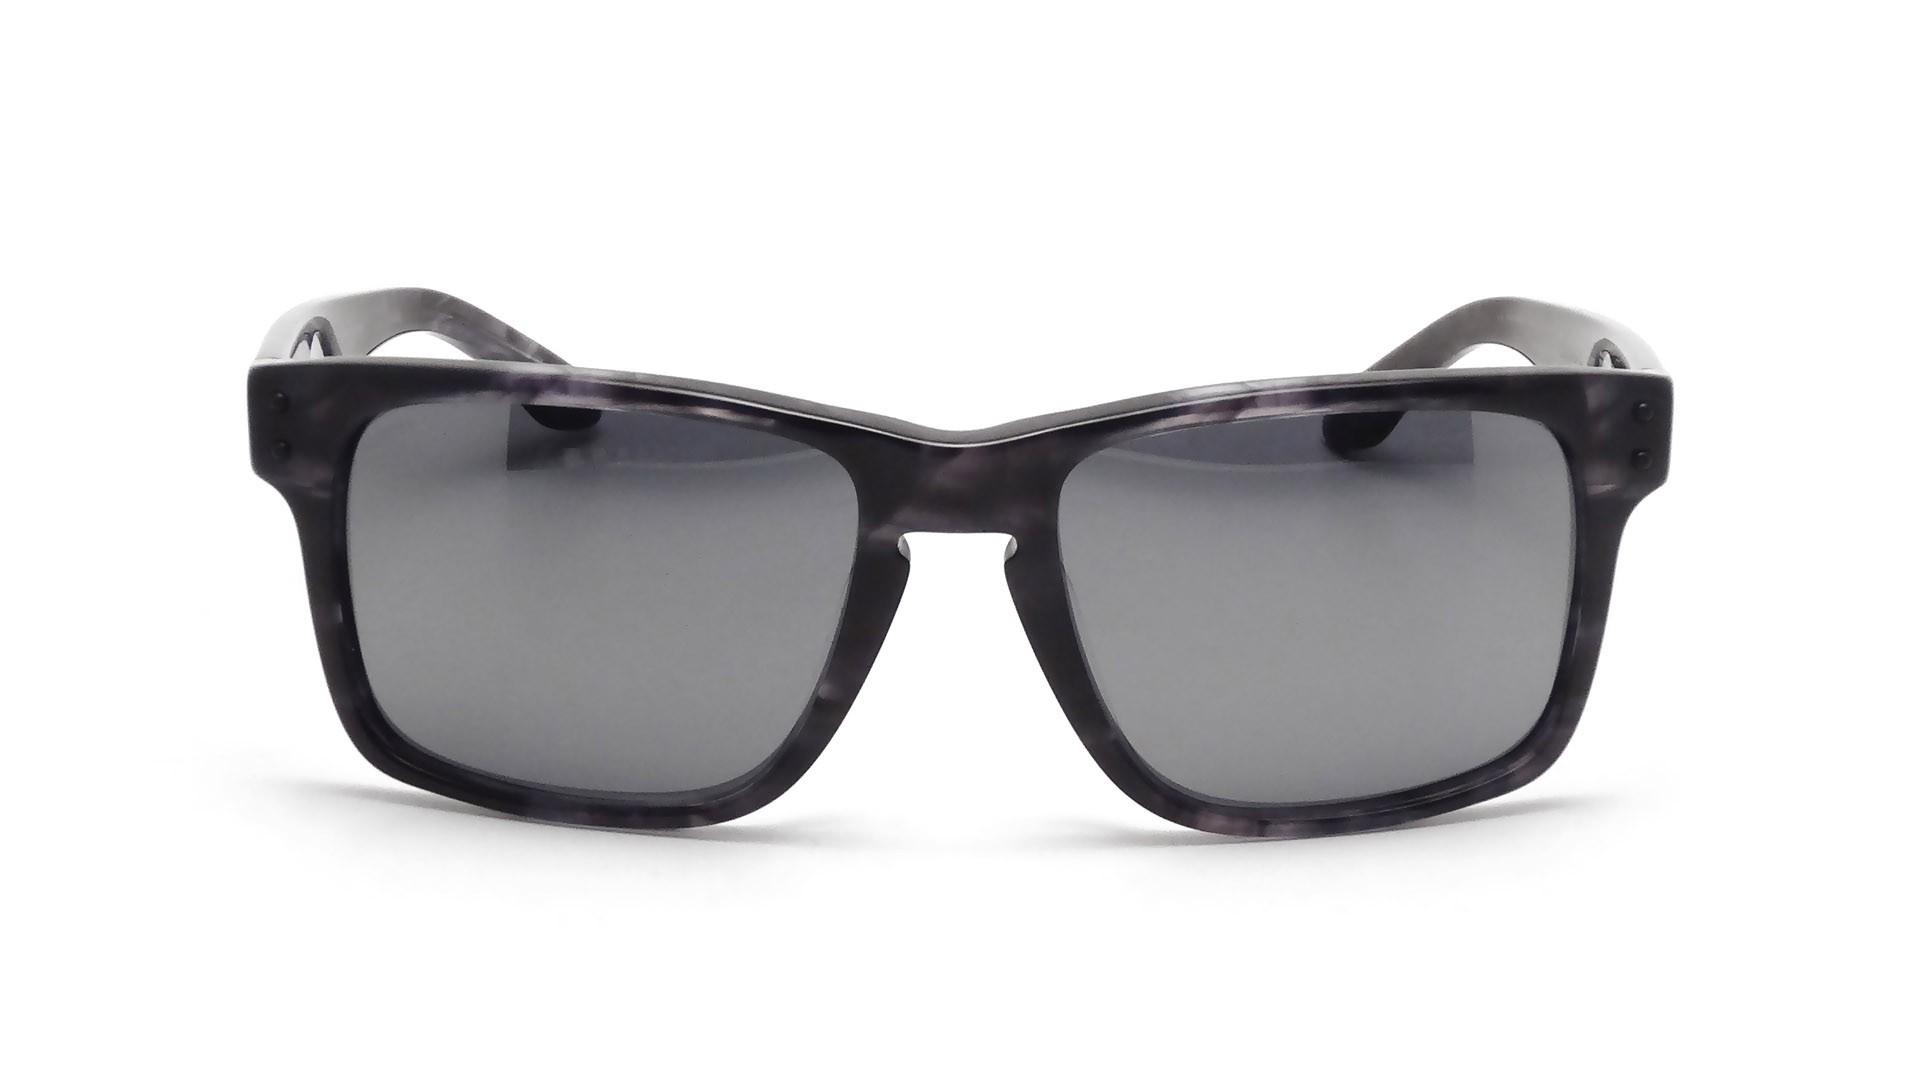 f03346f227 Sunglasses Police Discount Oakley « Heritage Malta